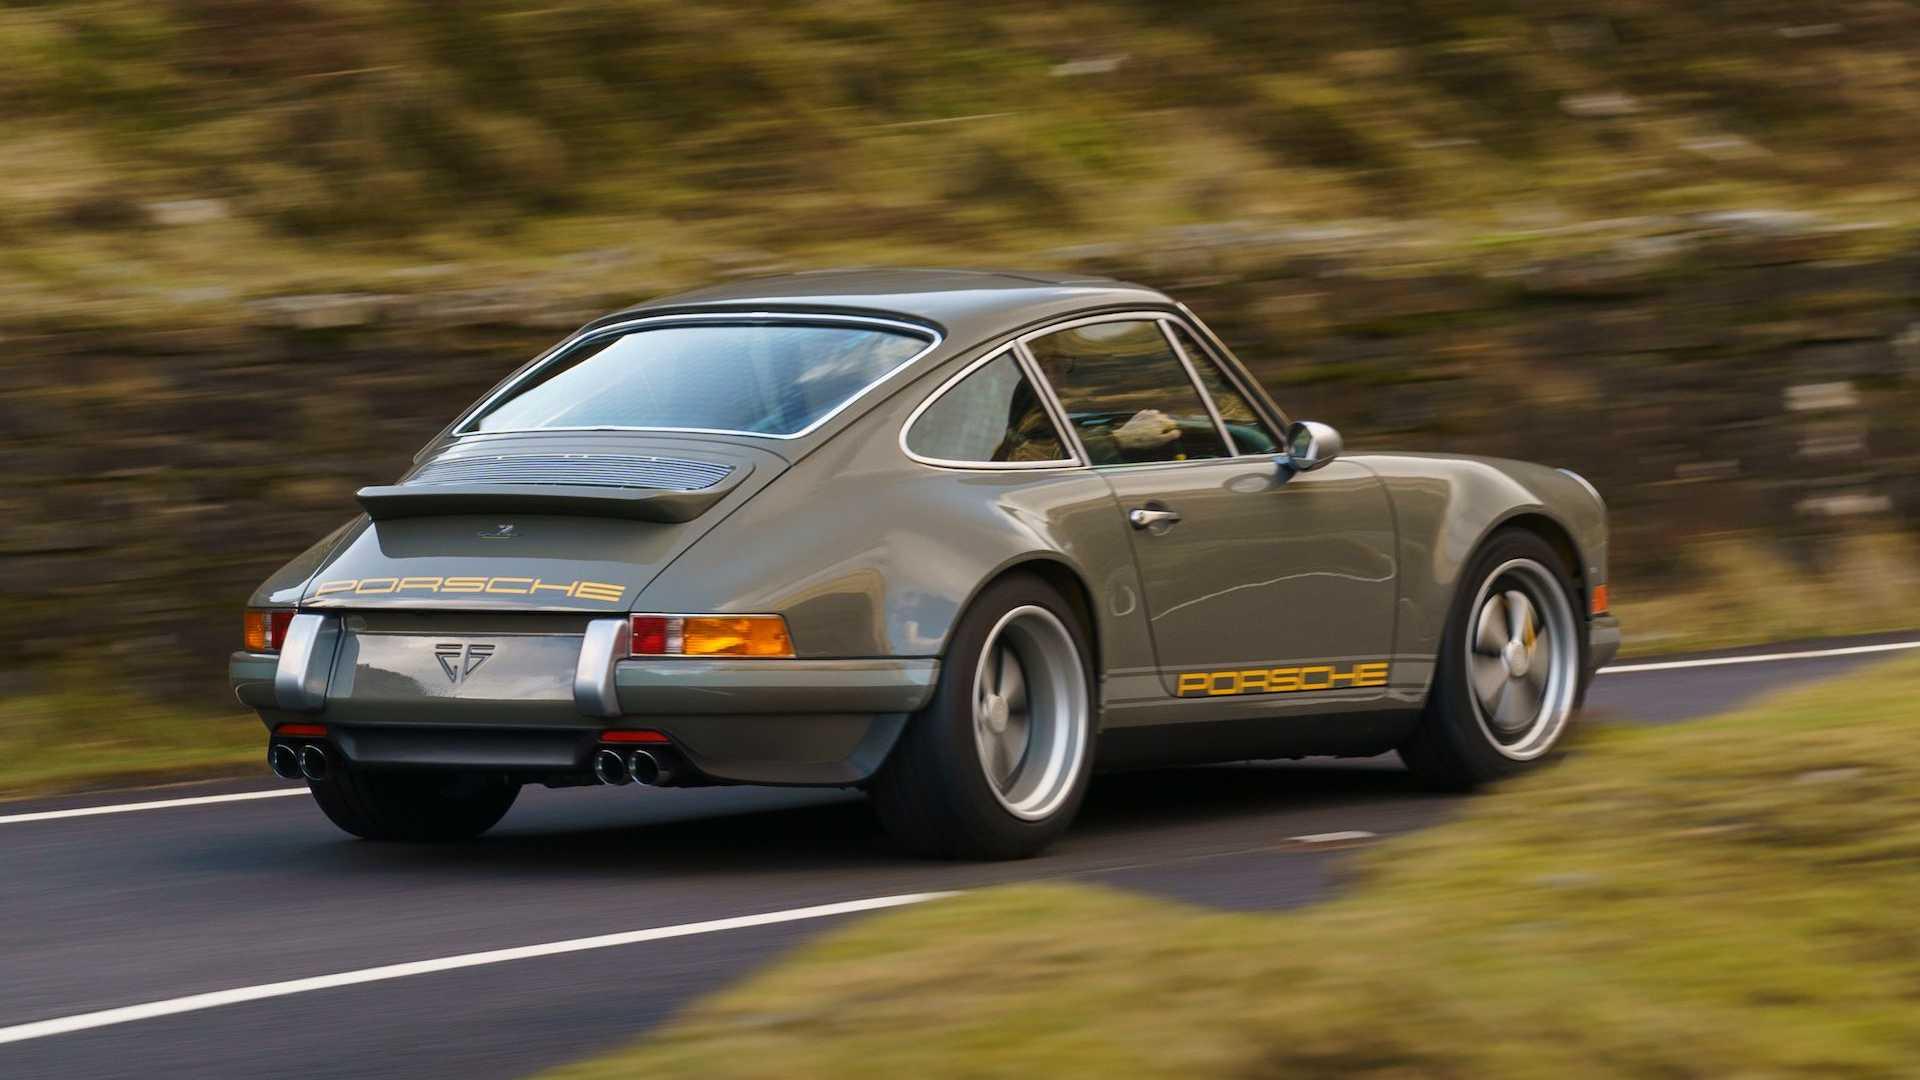 Theon-Design-HK002-Porsche-911-3